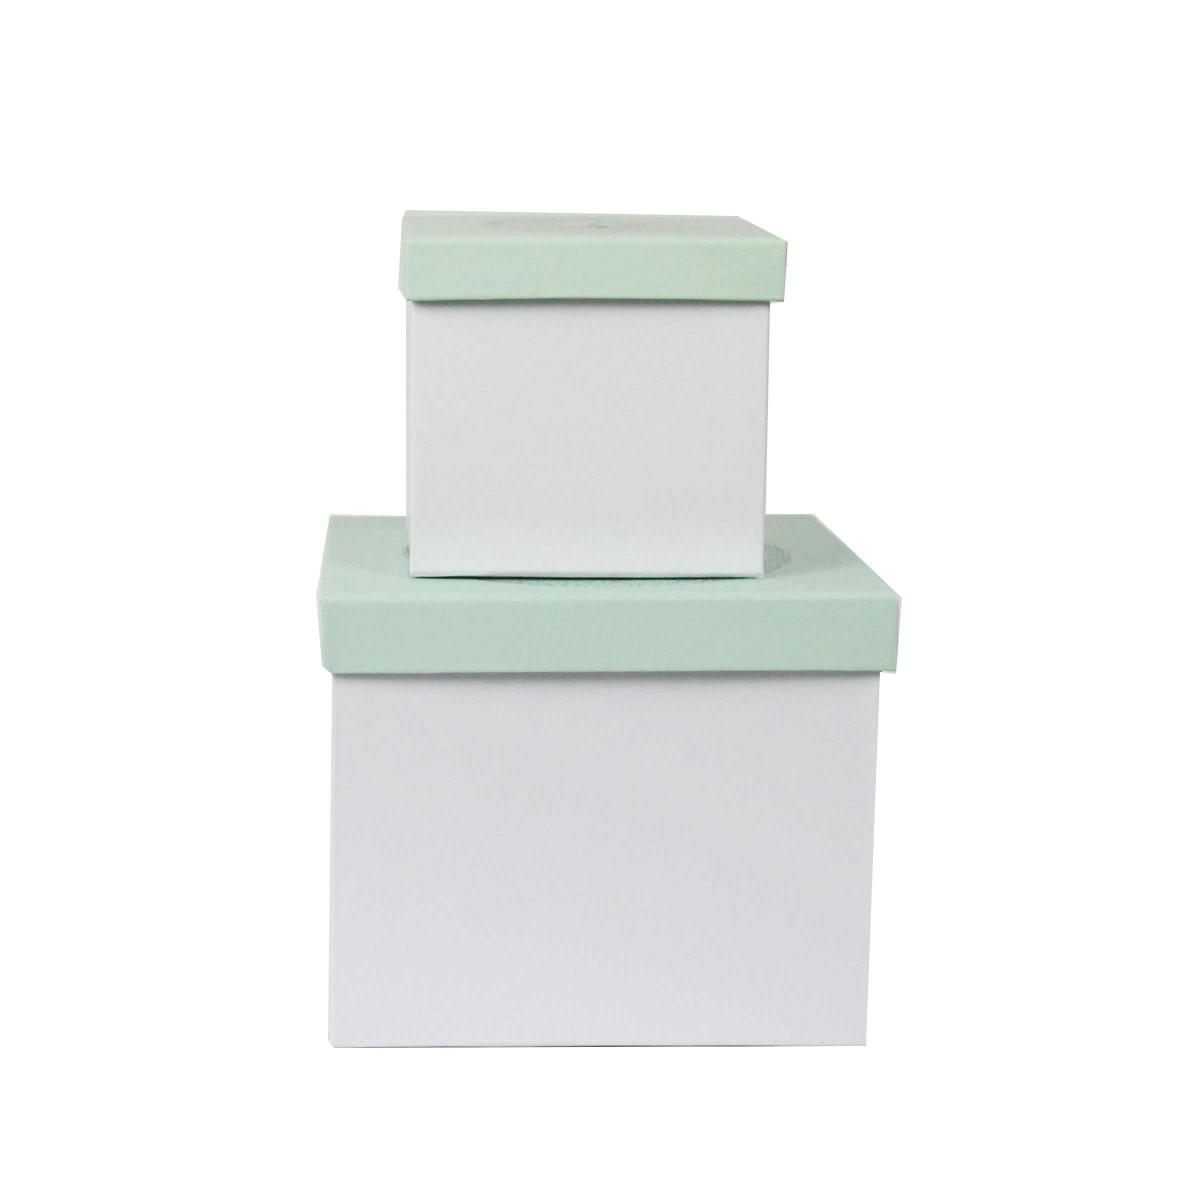 Bo tes en carton vert d 39 eau rangement chambre d 39 enfant - Boite de rangement plastique enfant ...